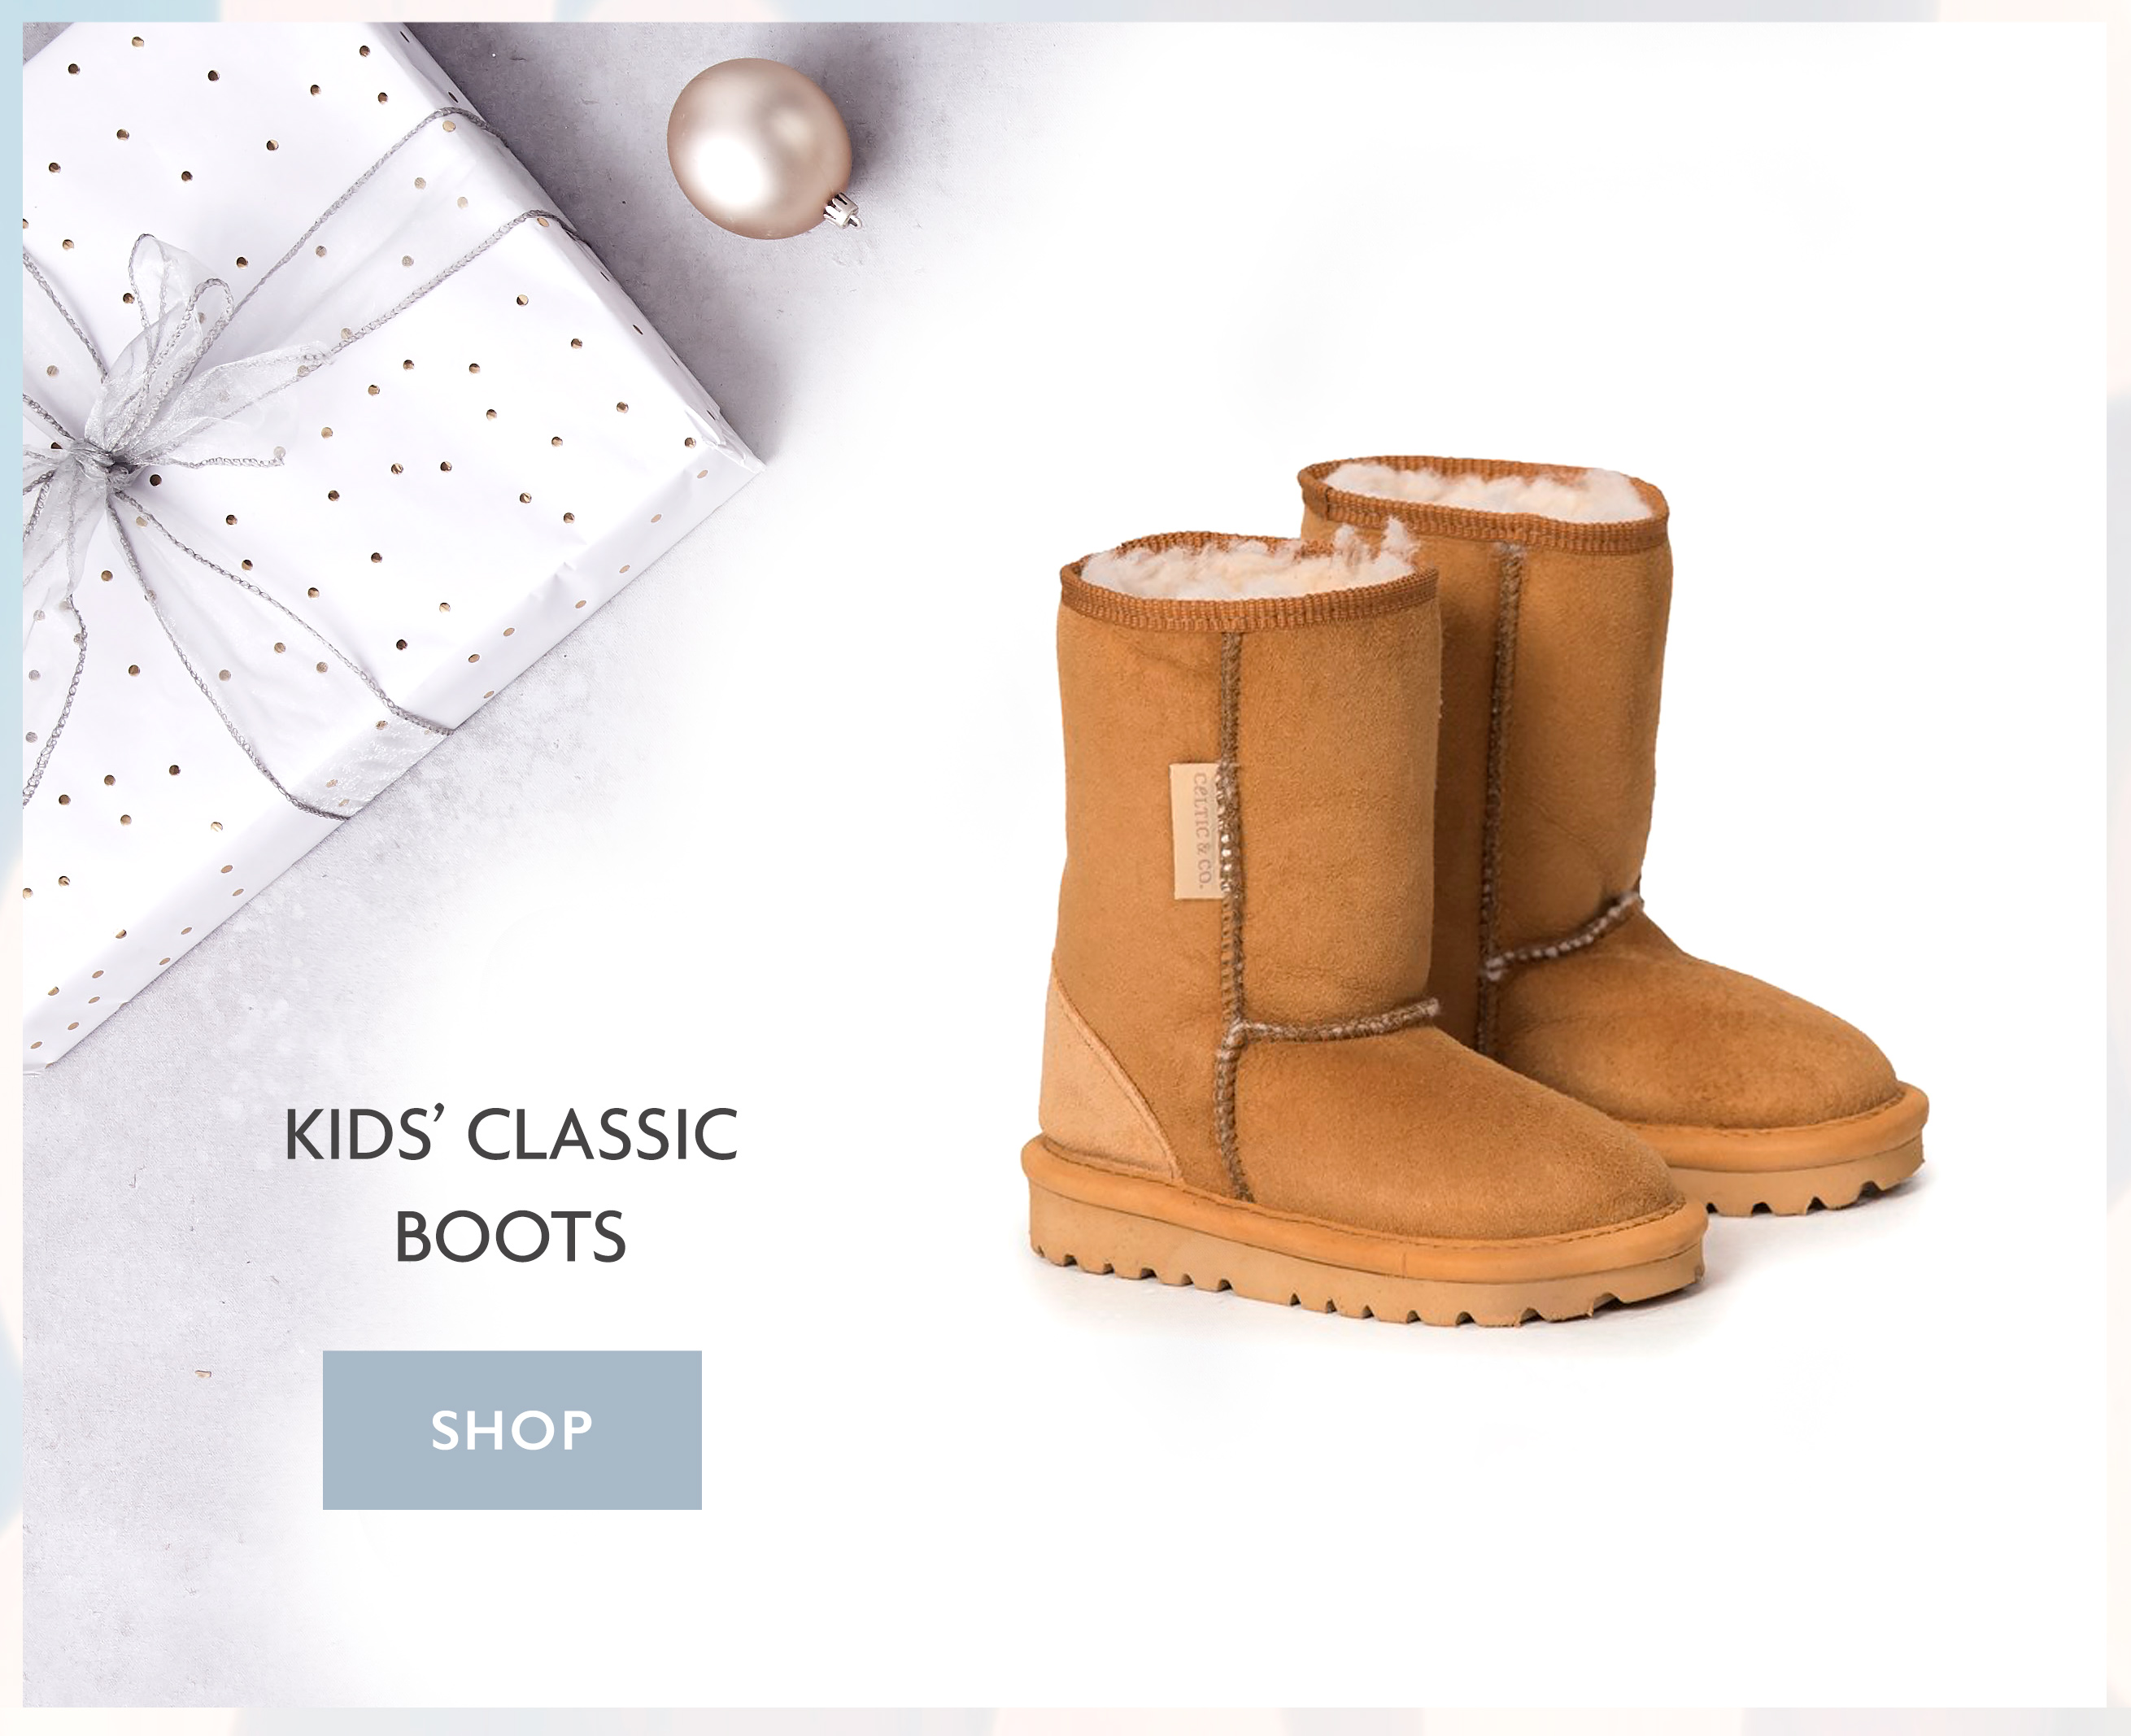 Kids' Classic Boots